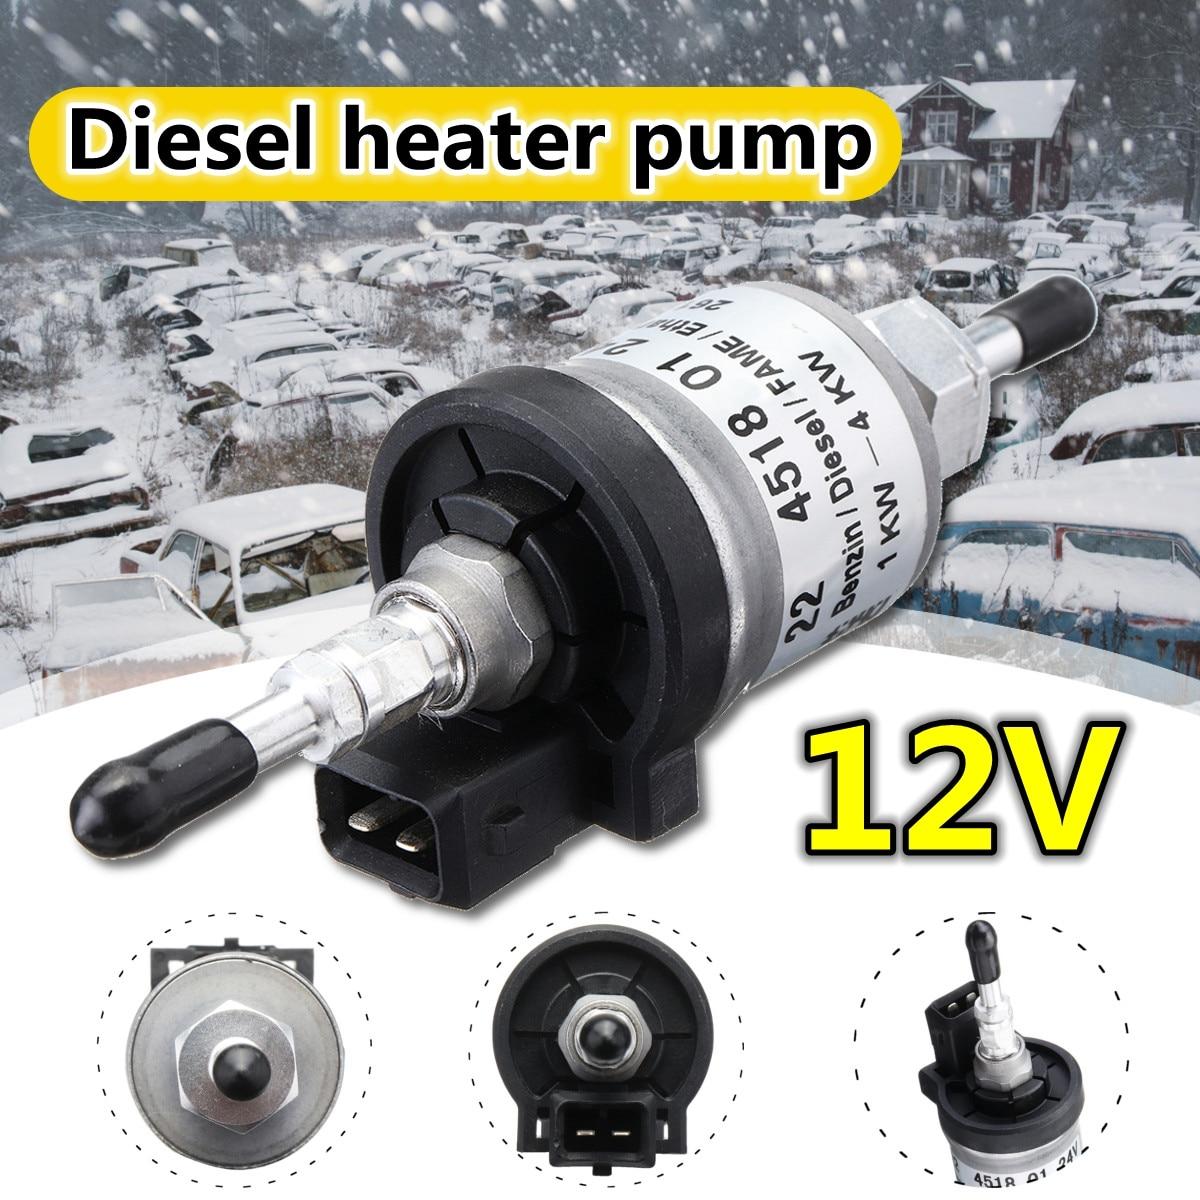 12 В/24 В 10 А 22 МПа 1-8 кВт для Eberspacher Электрический масляный топливный насос аксессуары для автомобиля для укладки Webasto Eberspacher обогреватели для г...